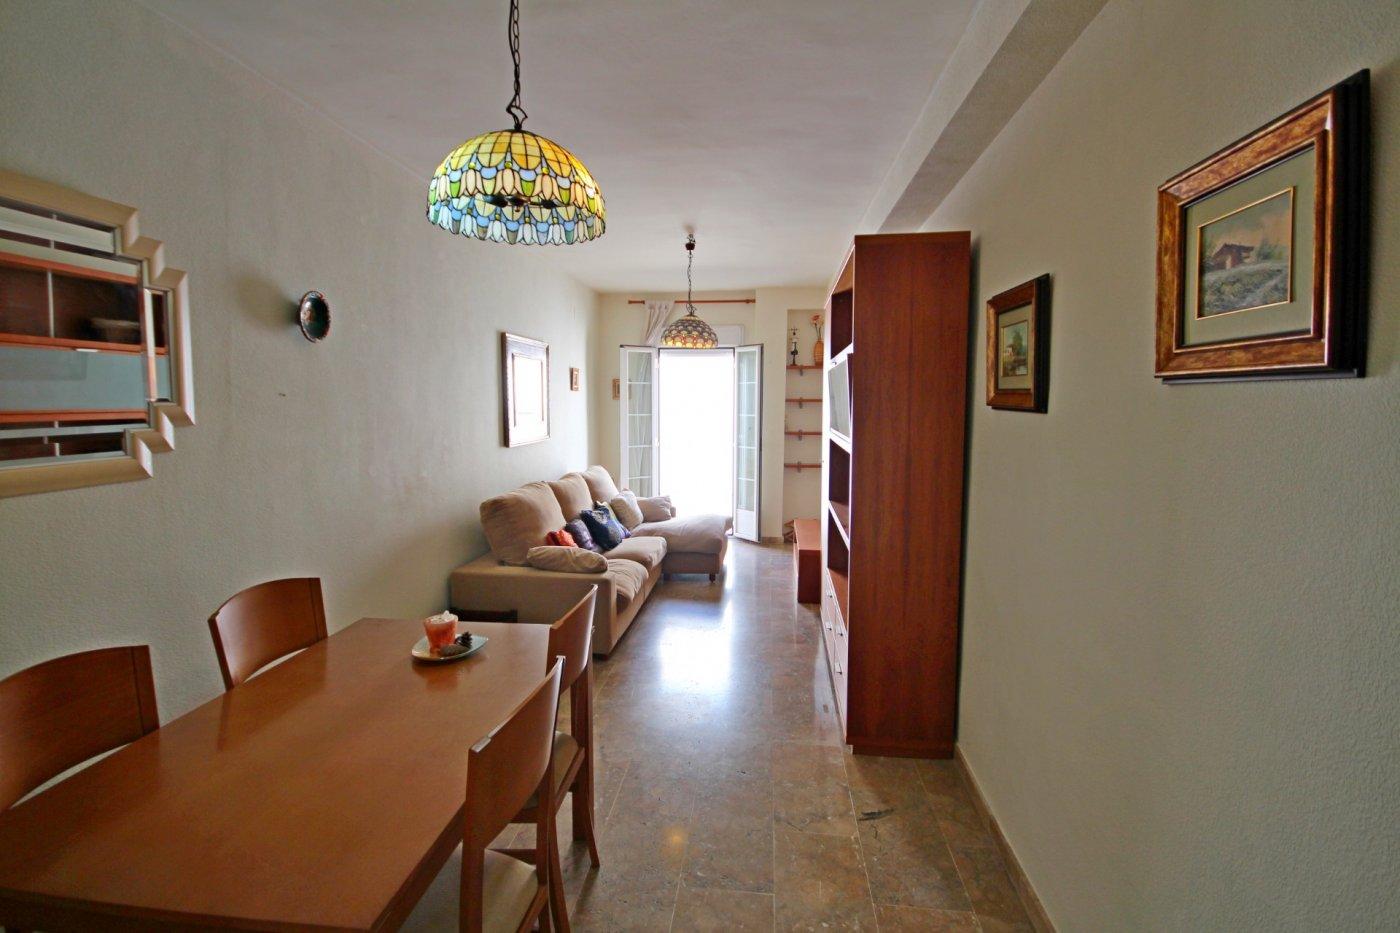 Piso dos dormitorios con garaje a un paso del centro histórico - imagenInmueble5